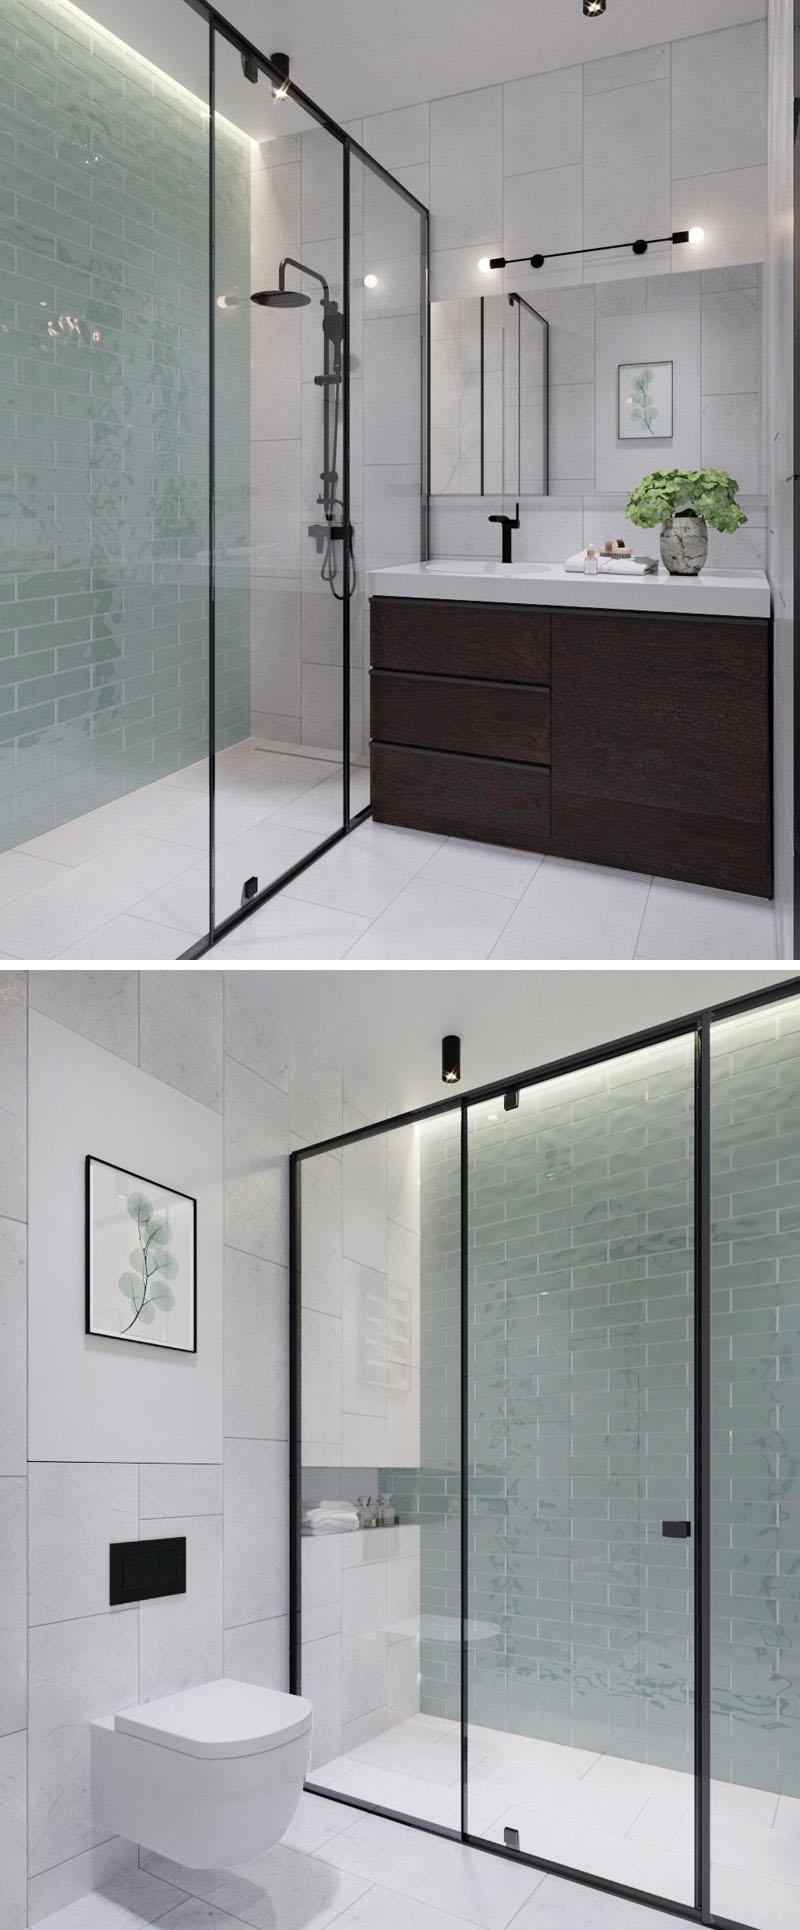 modern bathroom black frame glass shower surround 170517 926 06 1 - CĂN HỘ RỘNG HƠN VỚI KHUNG KÍNH ĐEN THAY CHO VÁCH NGĂN